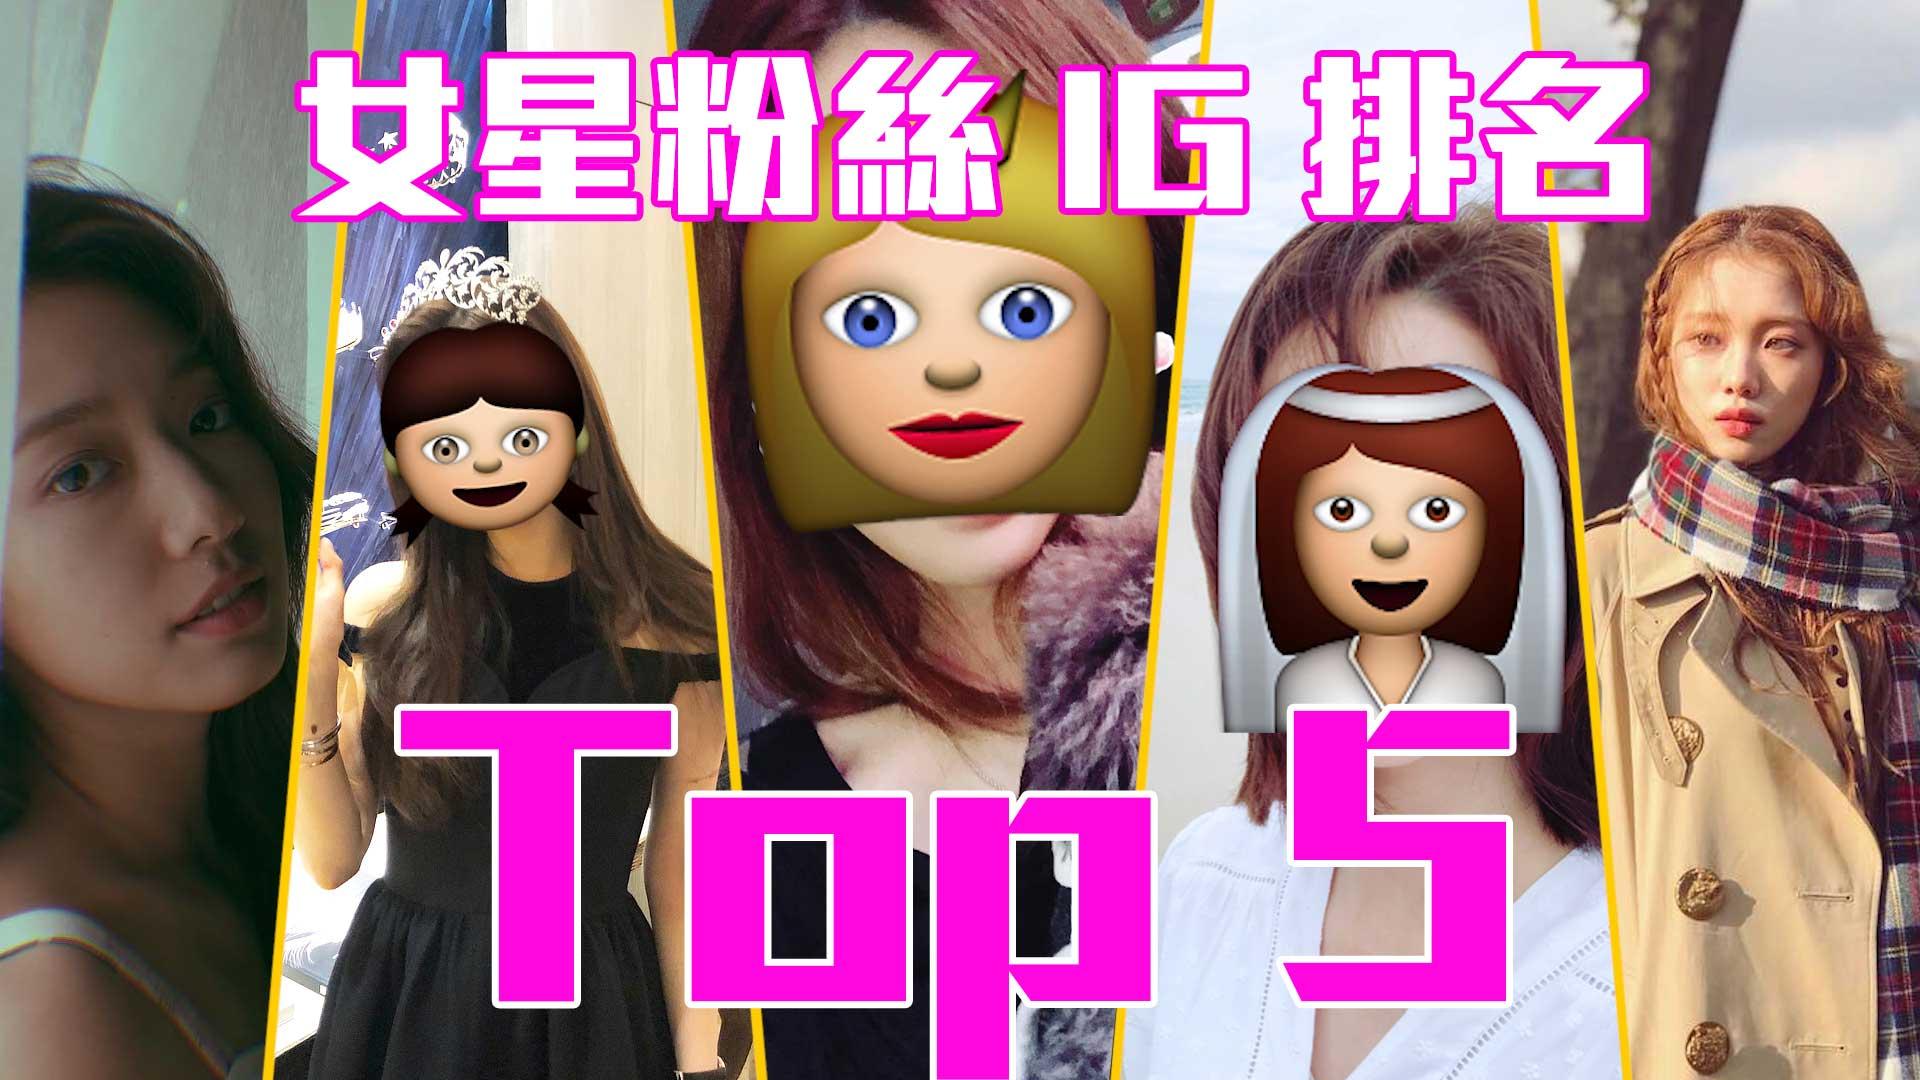 【你follow咗未?】女星粉絲 IG 排名 top 5